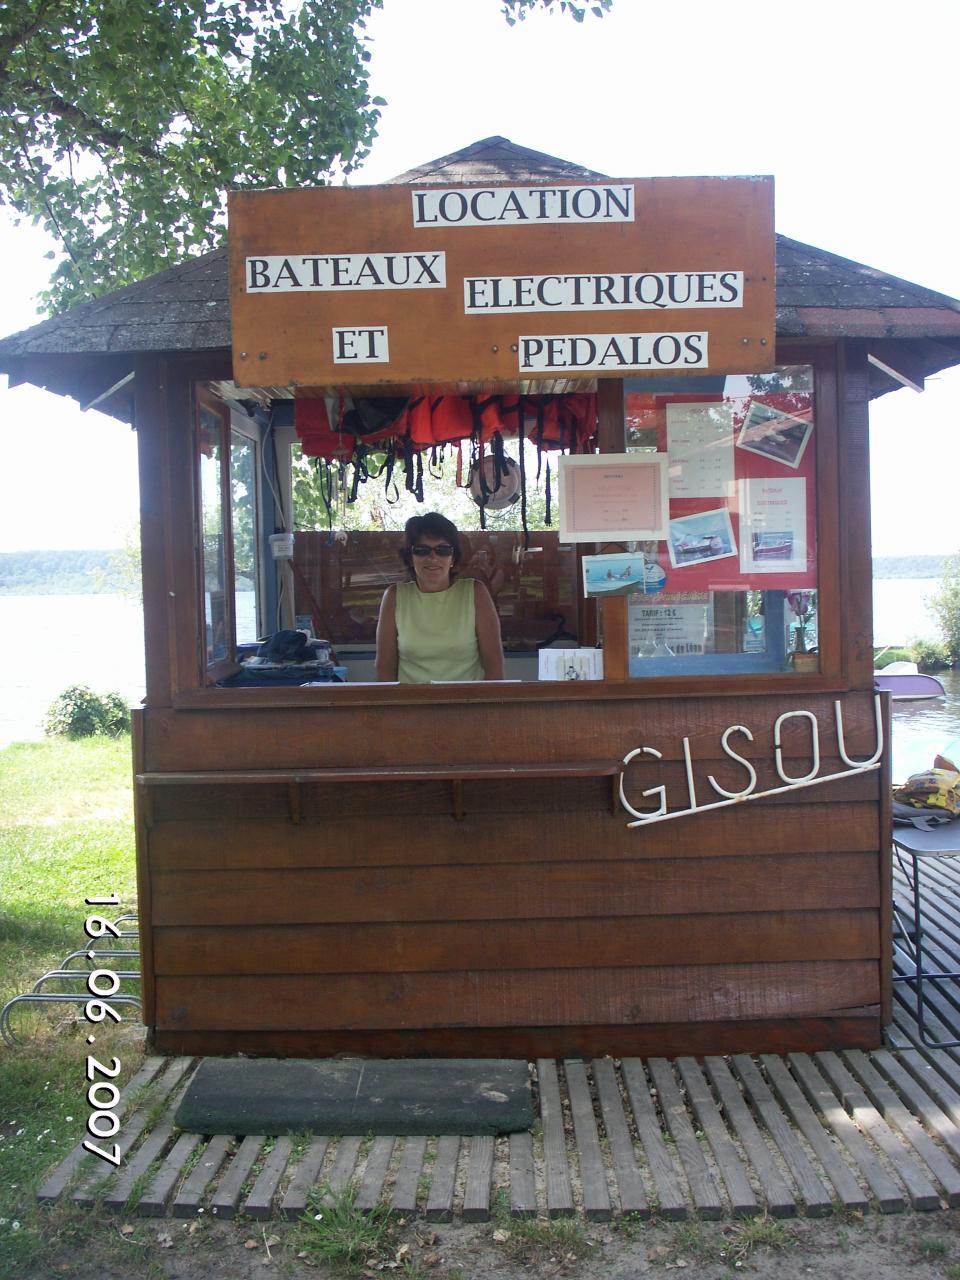 Bienvenue chez Gisou